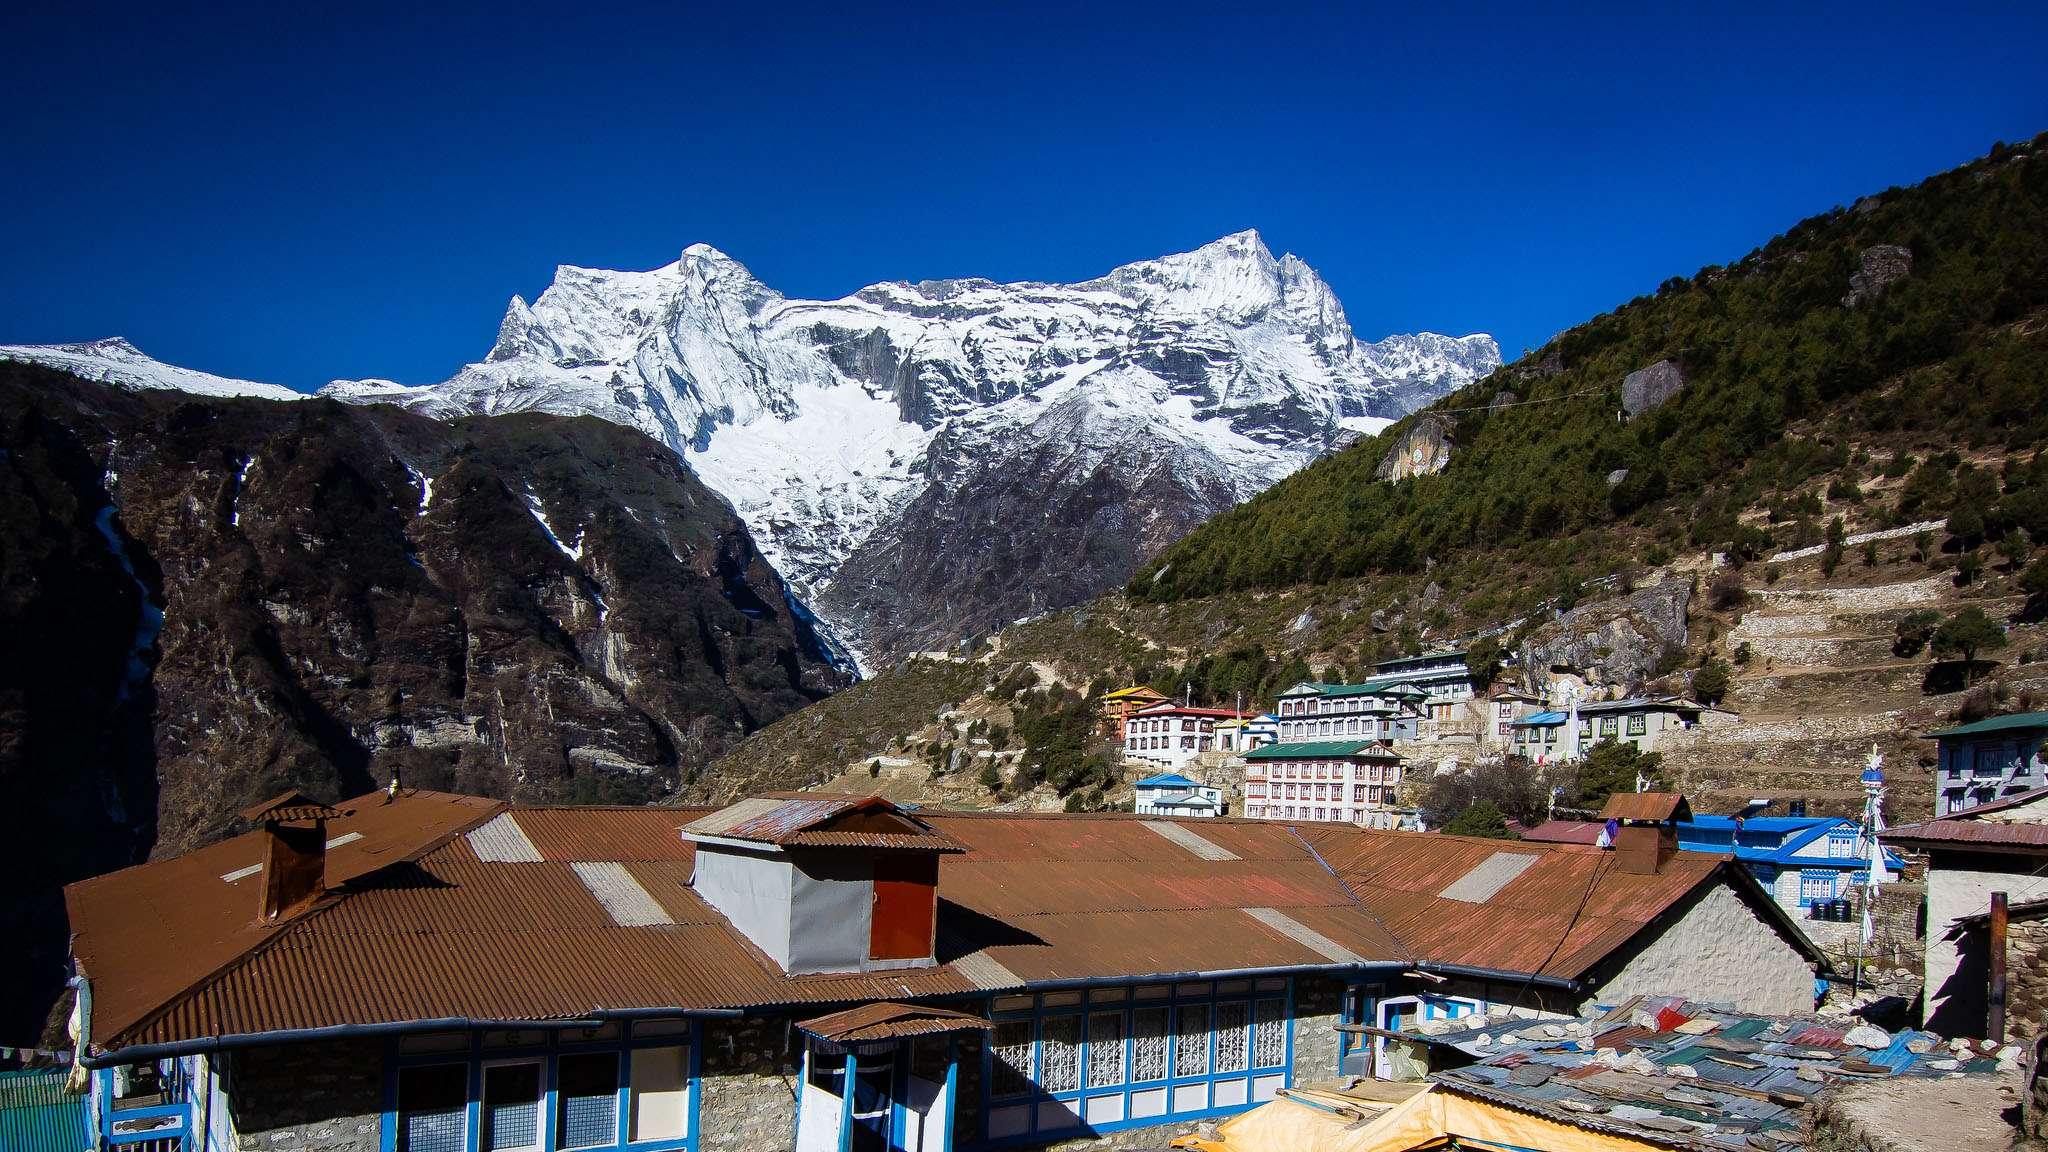 8-Day Everest View Trek - Nepal Itinerary